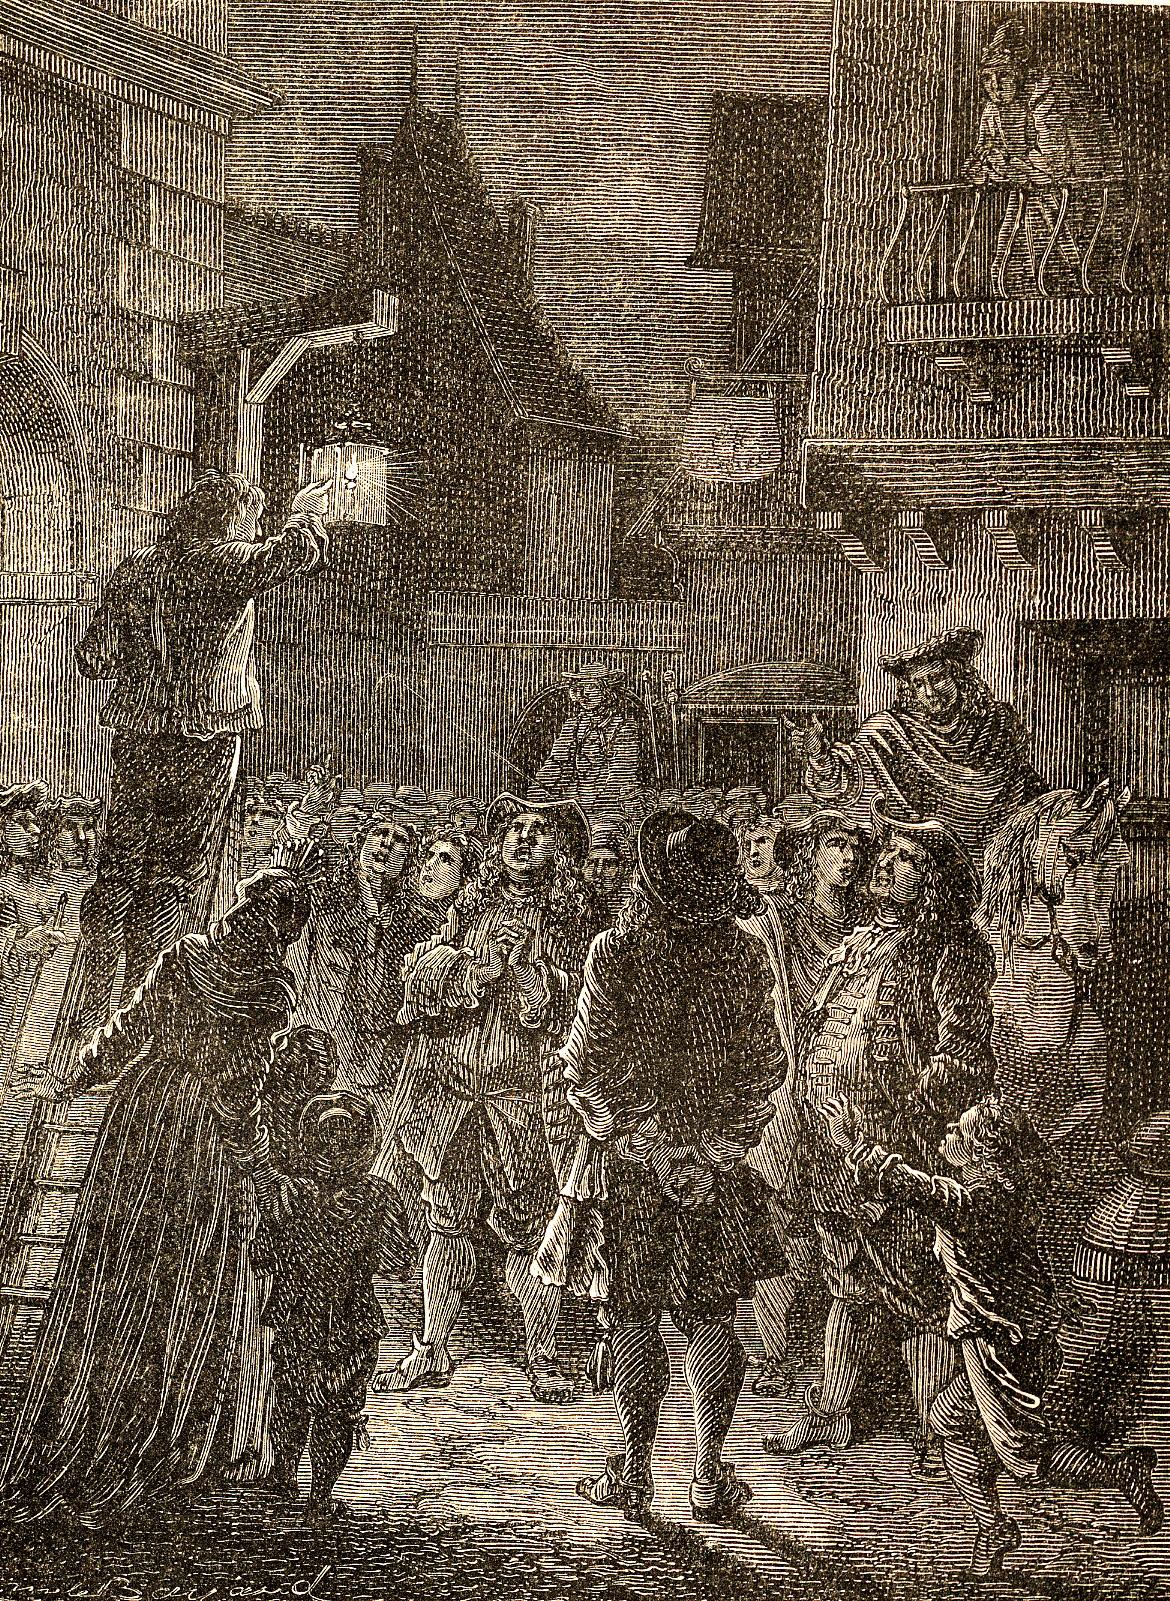 Parigi, primi riverberi pubblici mediante l'utilizzo di lanterne contenti candele